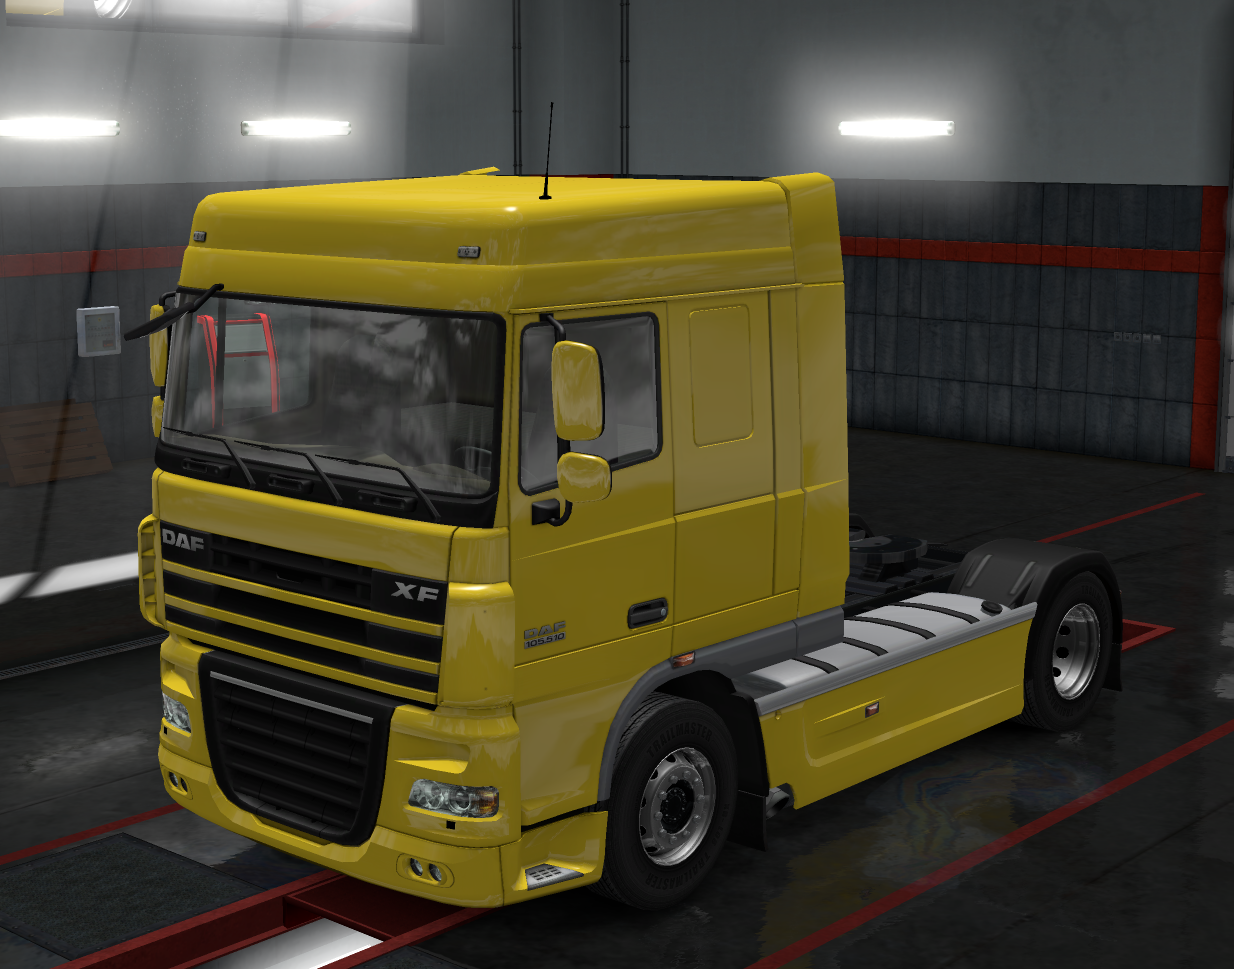 DAF XF 105   Truck Simulator Wiki   FANDOM powered by Wikia